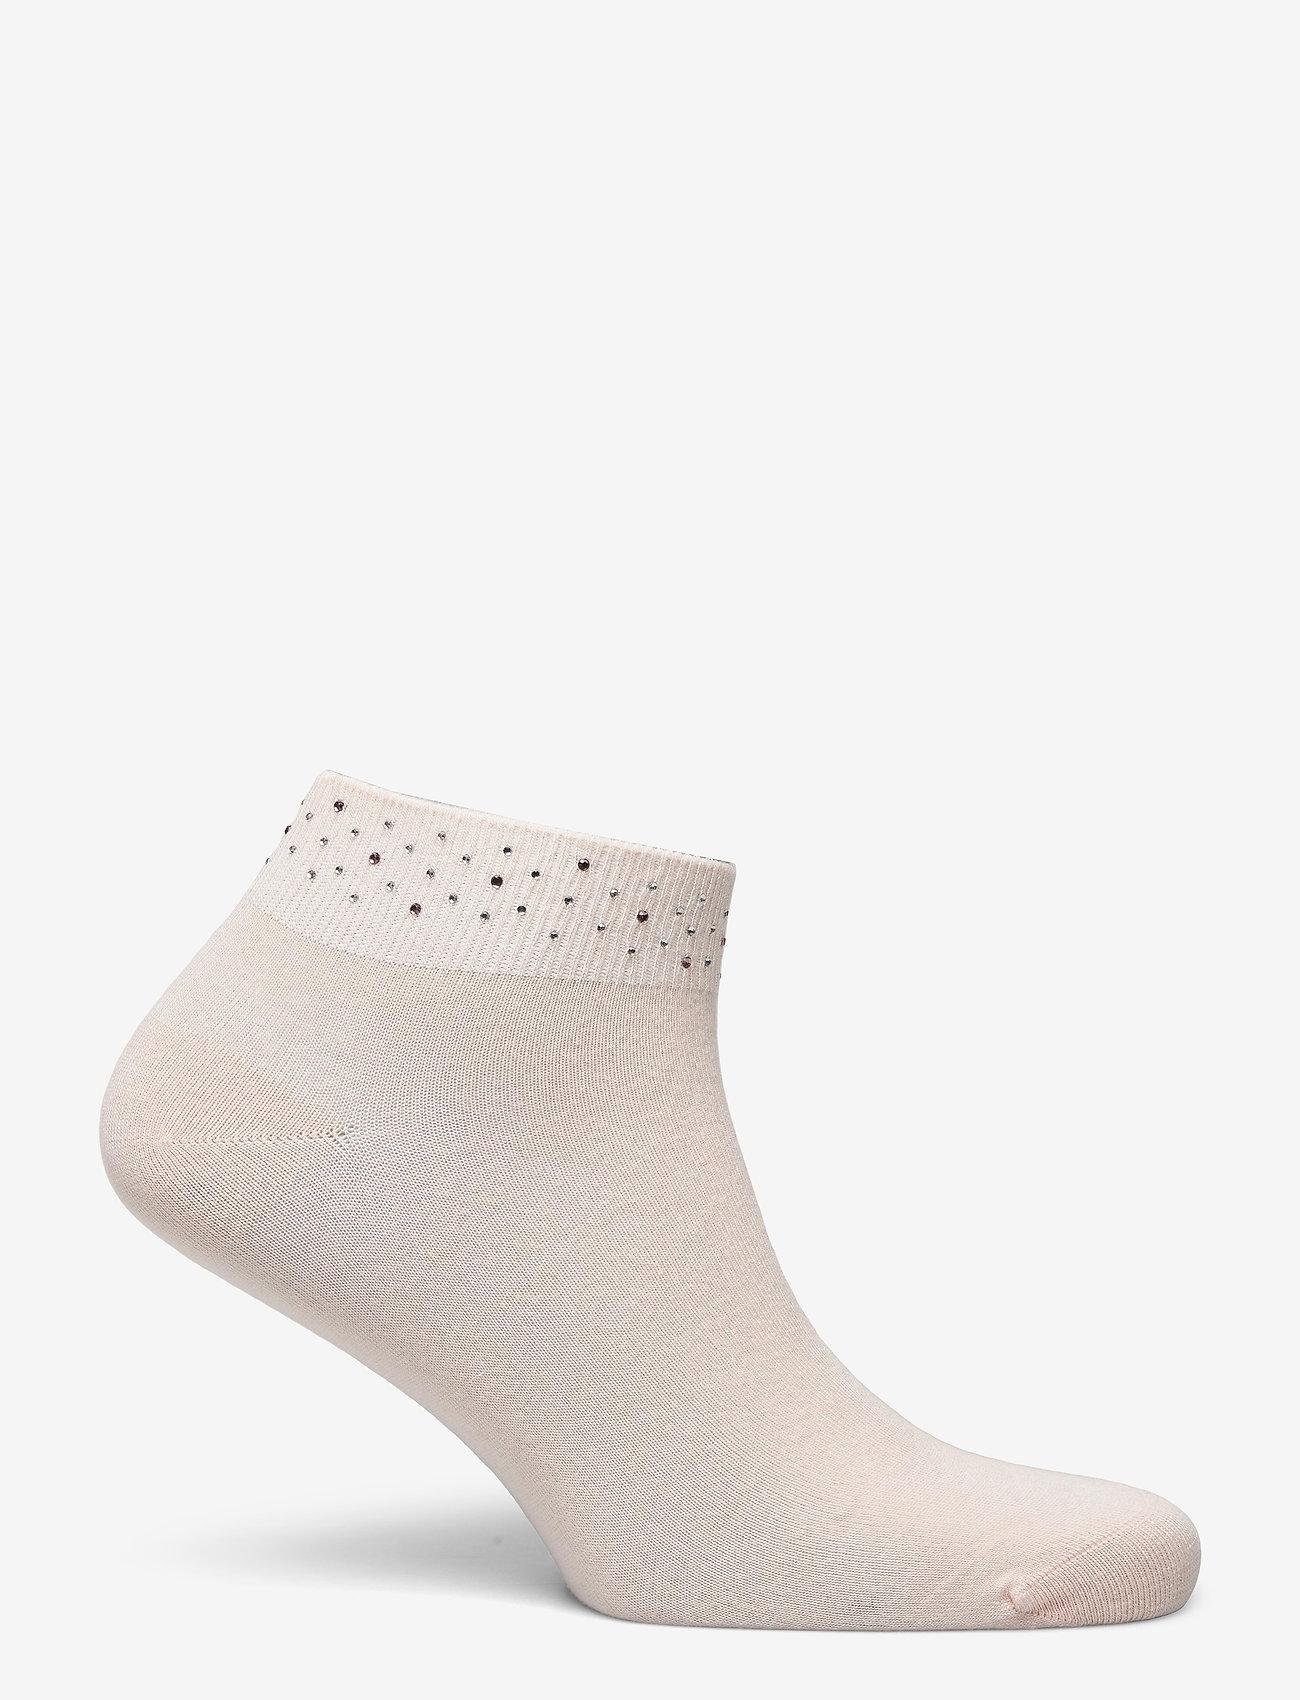 Vogue - Ladies anklesock, Anais Sneaker - sneakersokken - rosewater - 1